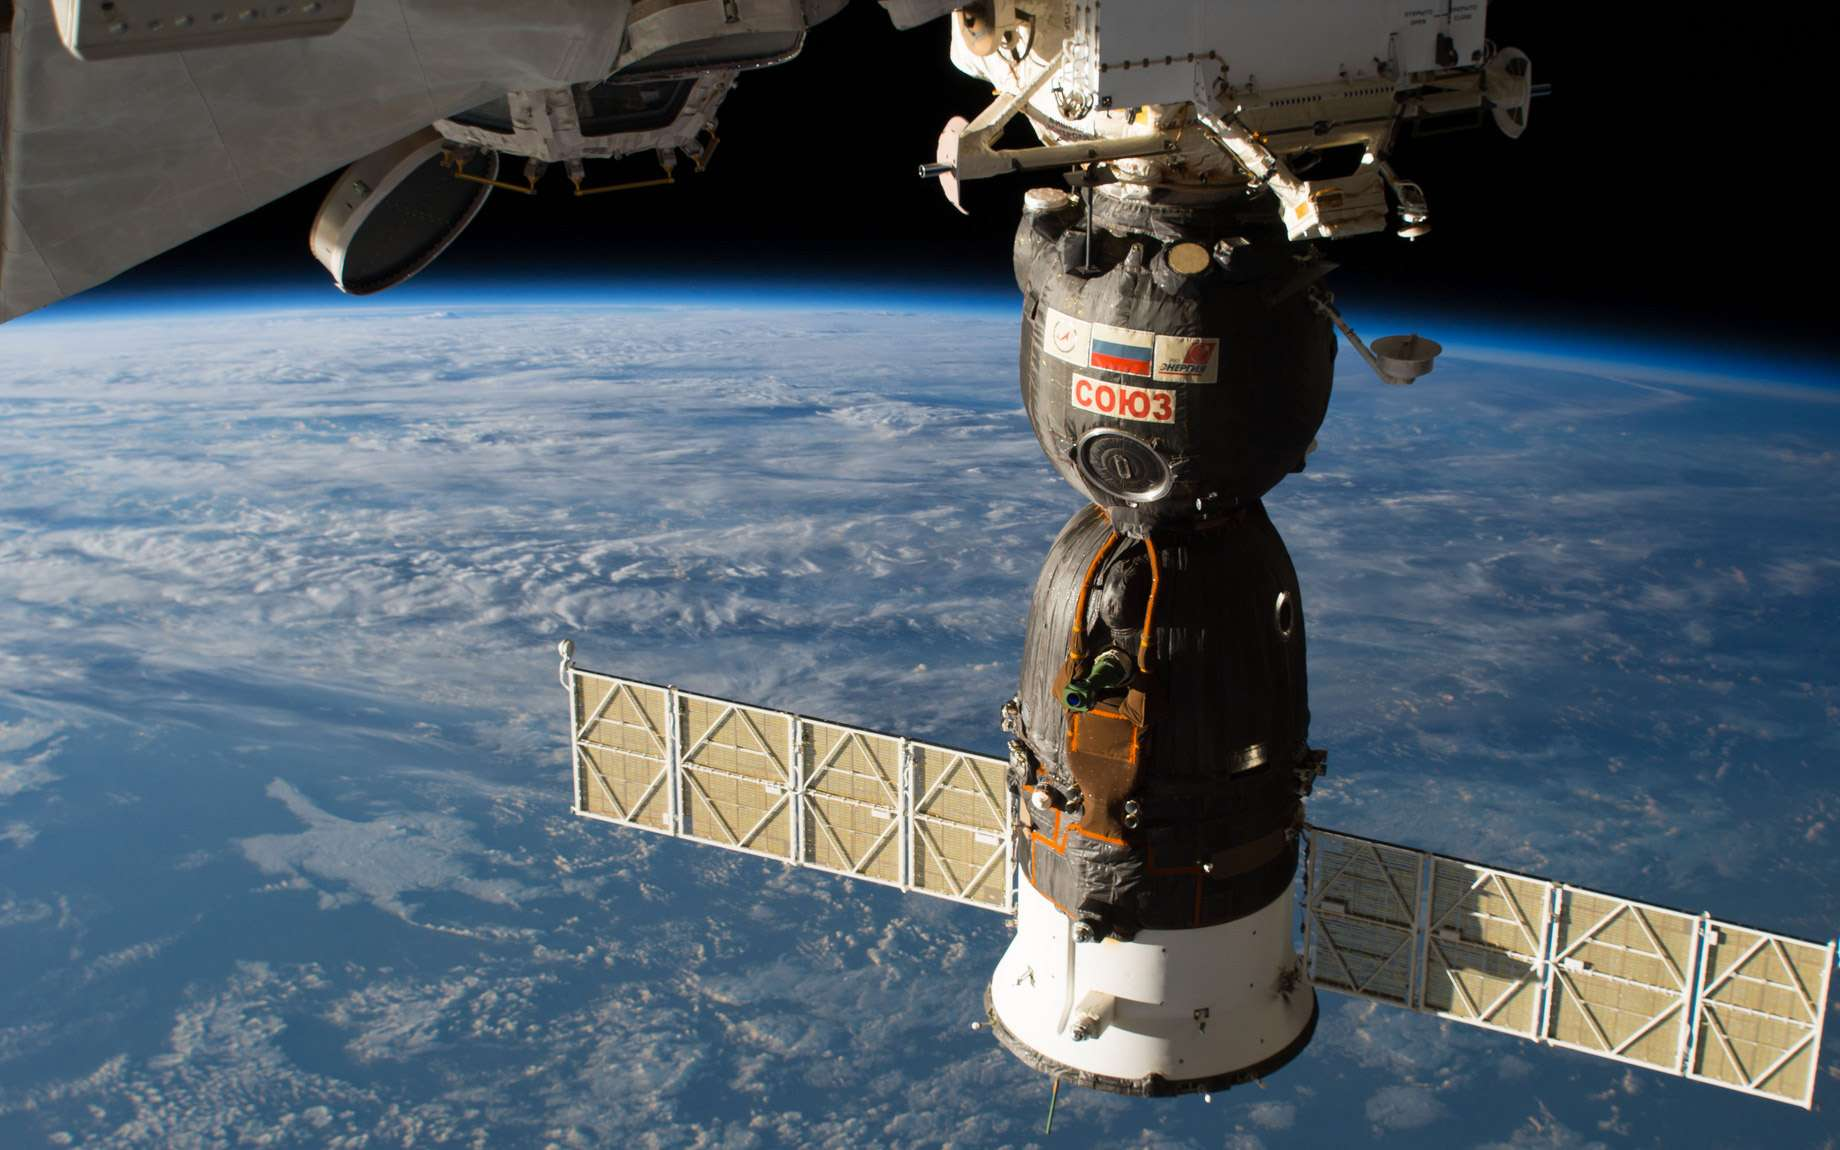 Le véhicule Soyouz MS-09, amarré à l'ISS, dans lequel a été découvert un trou percé depuis l'intérieur du véhicule. © Nasa